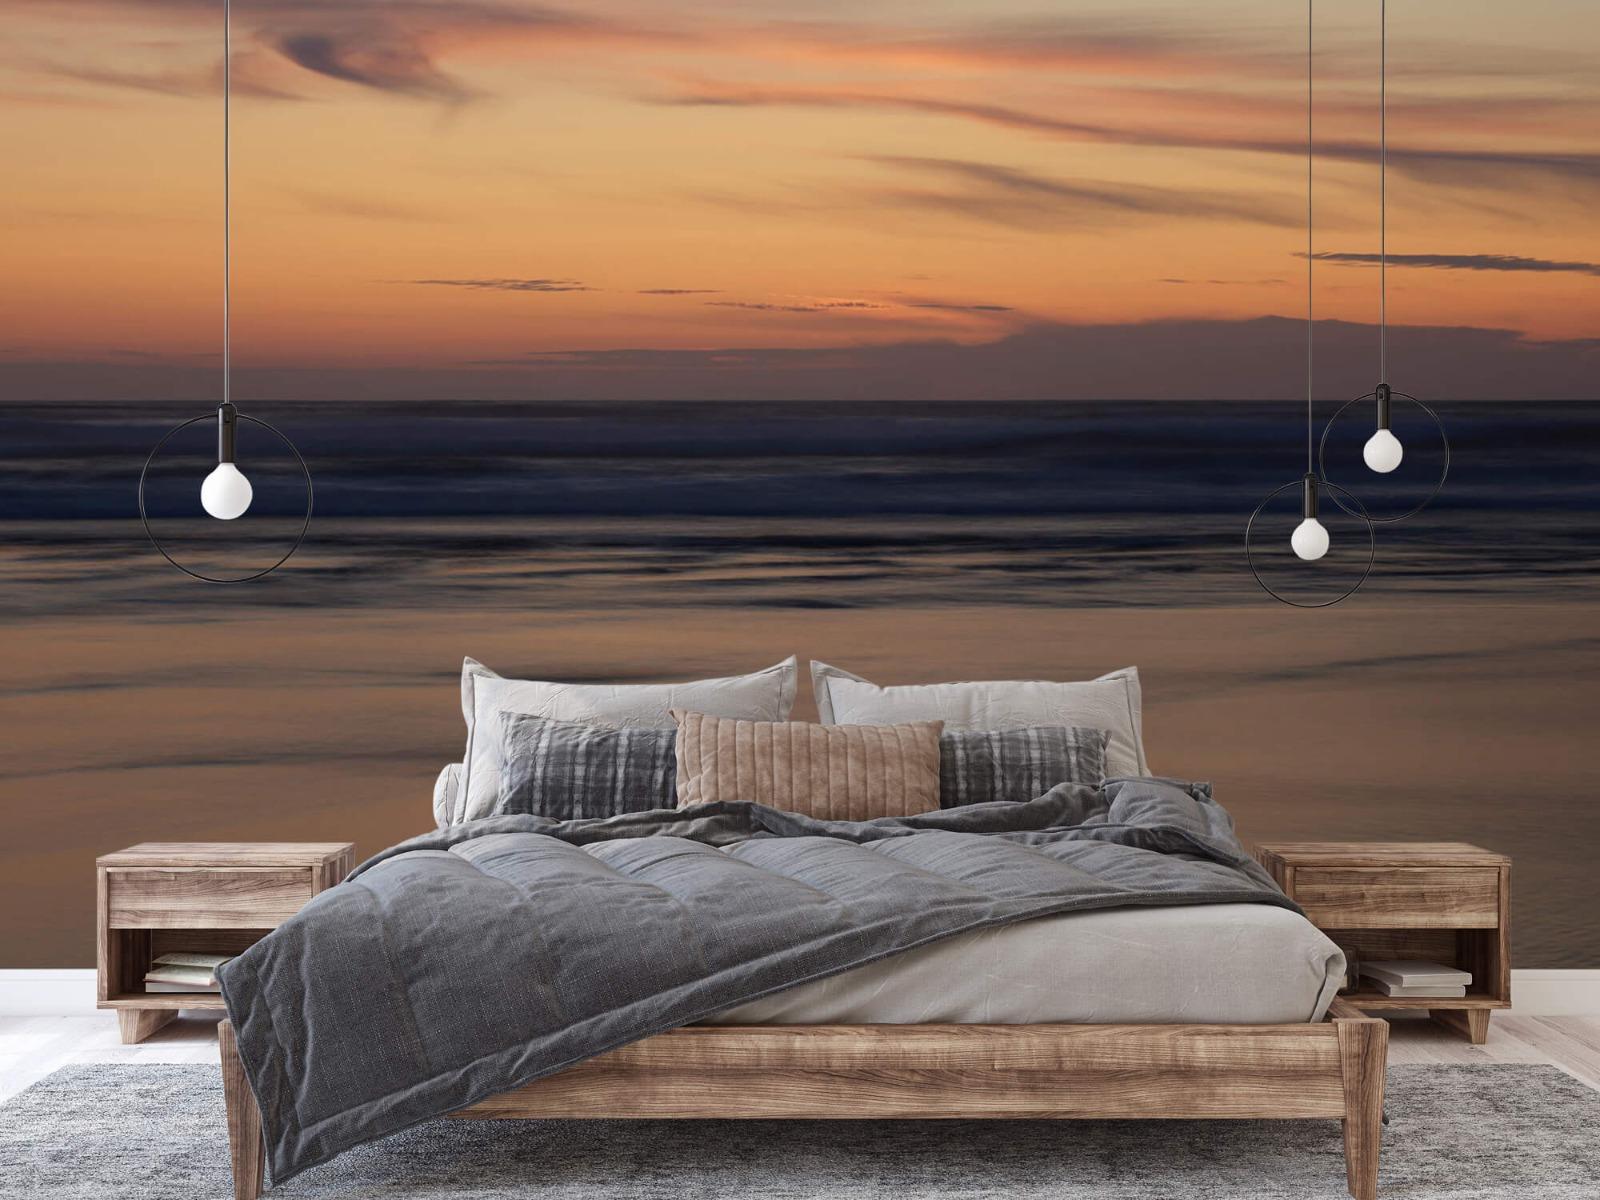 Zeeën en Oceanen - Zonsondergang aan de kust - Slaapkamer 1